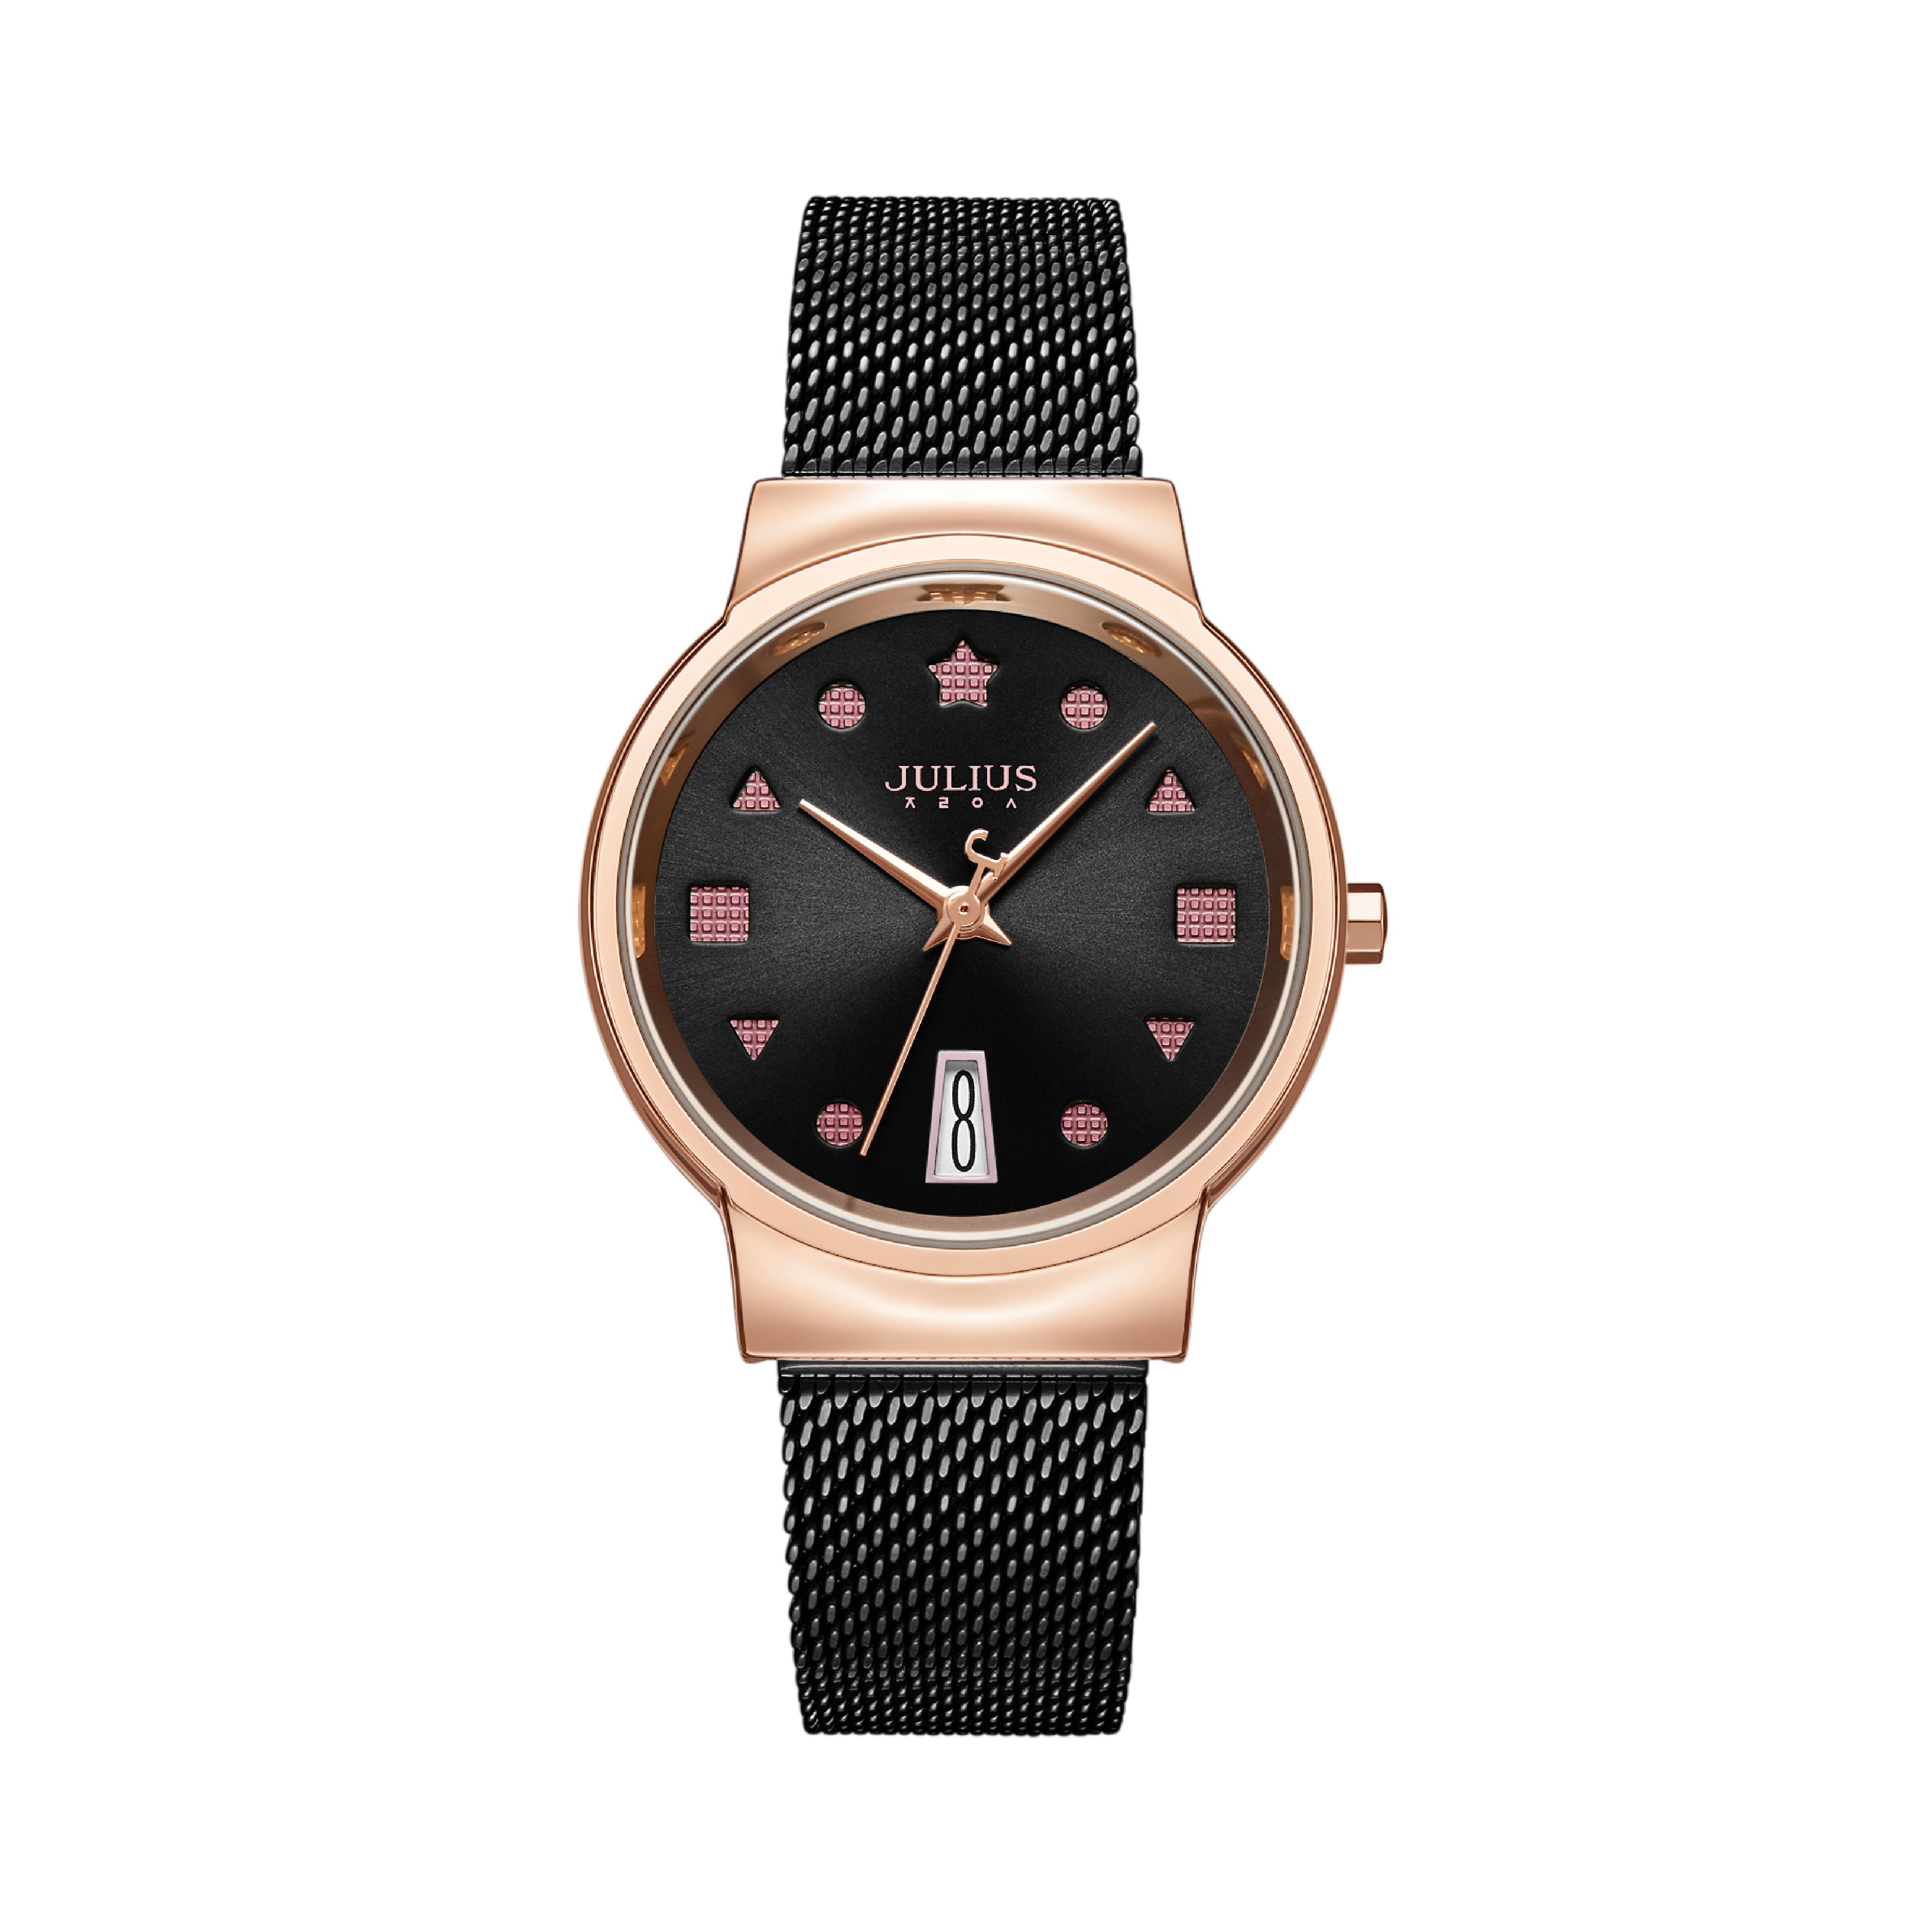 นาฬิกาข้อมือผู้หญิง JULIUS 1187D